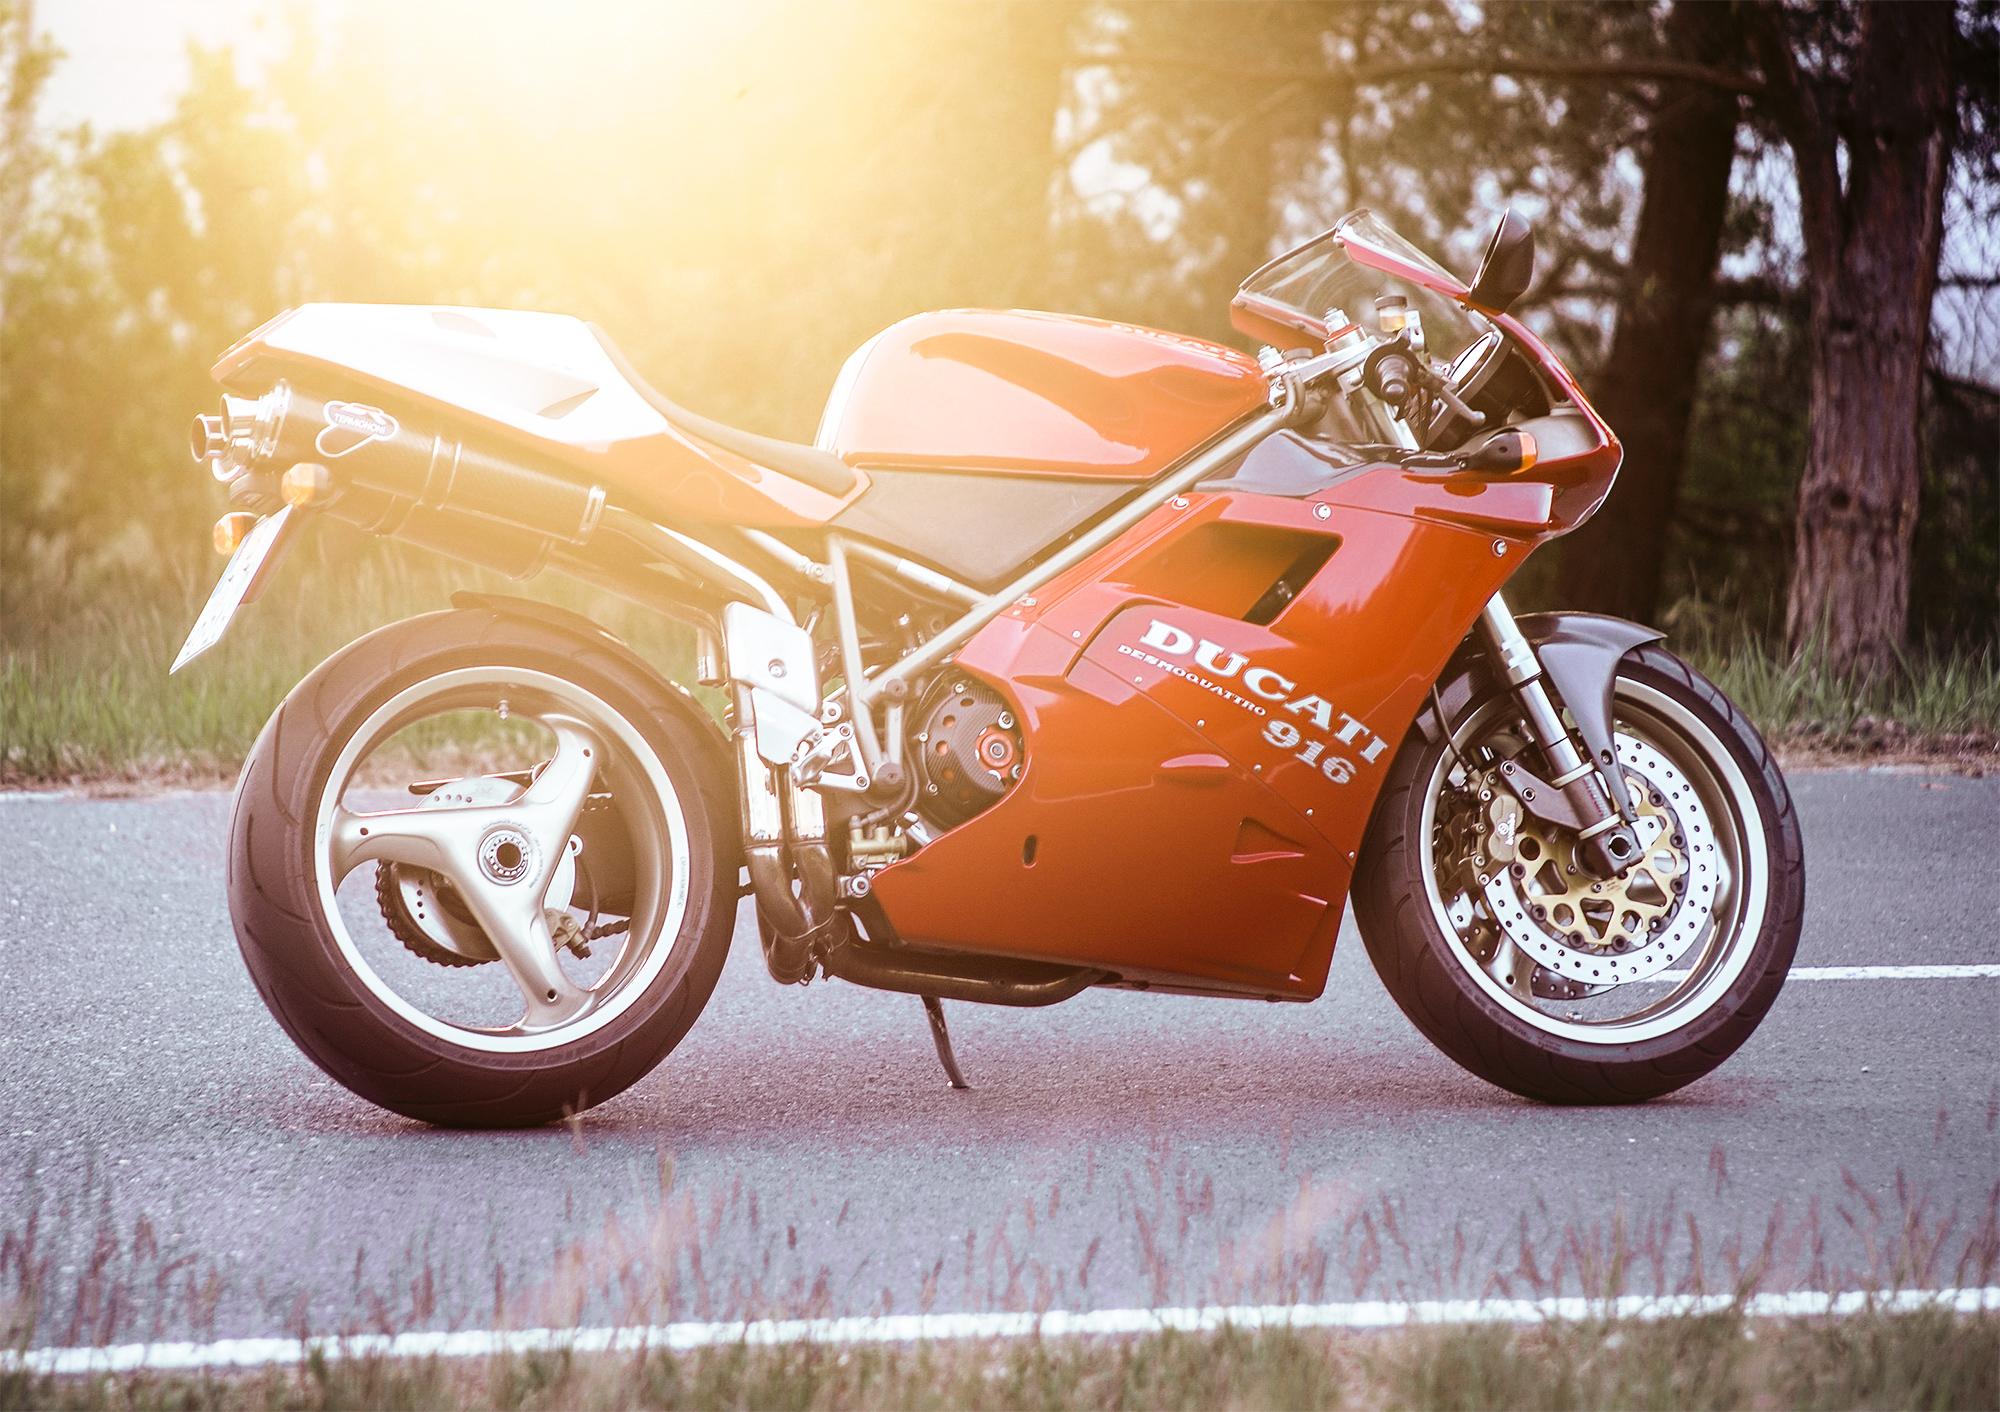 1995 Ducati 916 Strada - gone